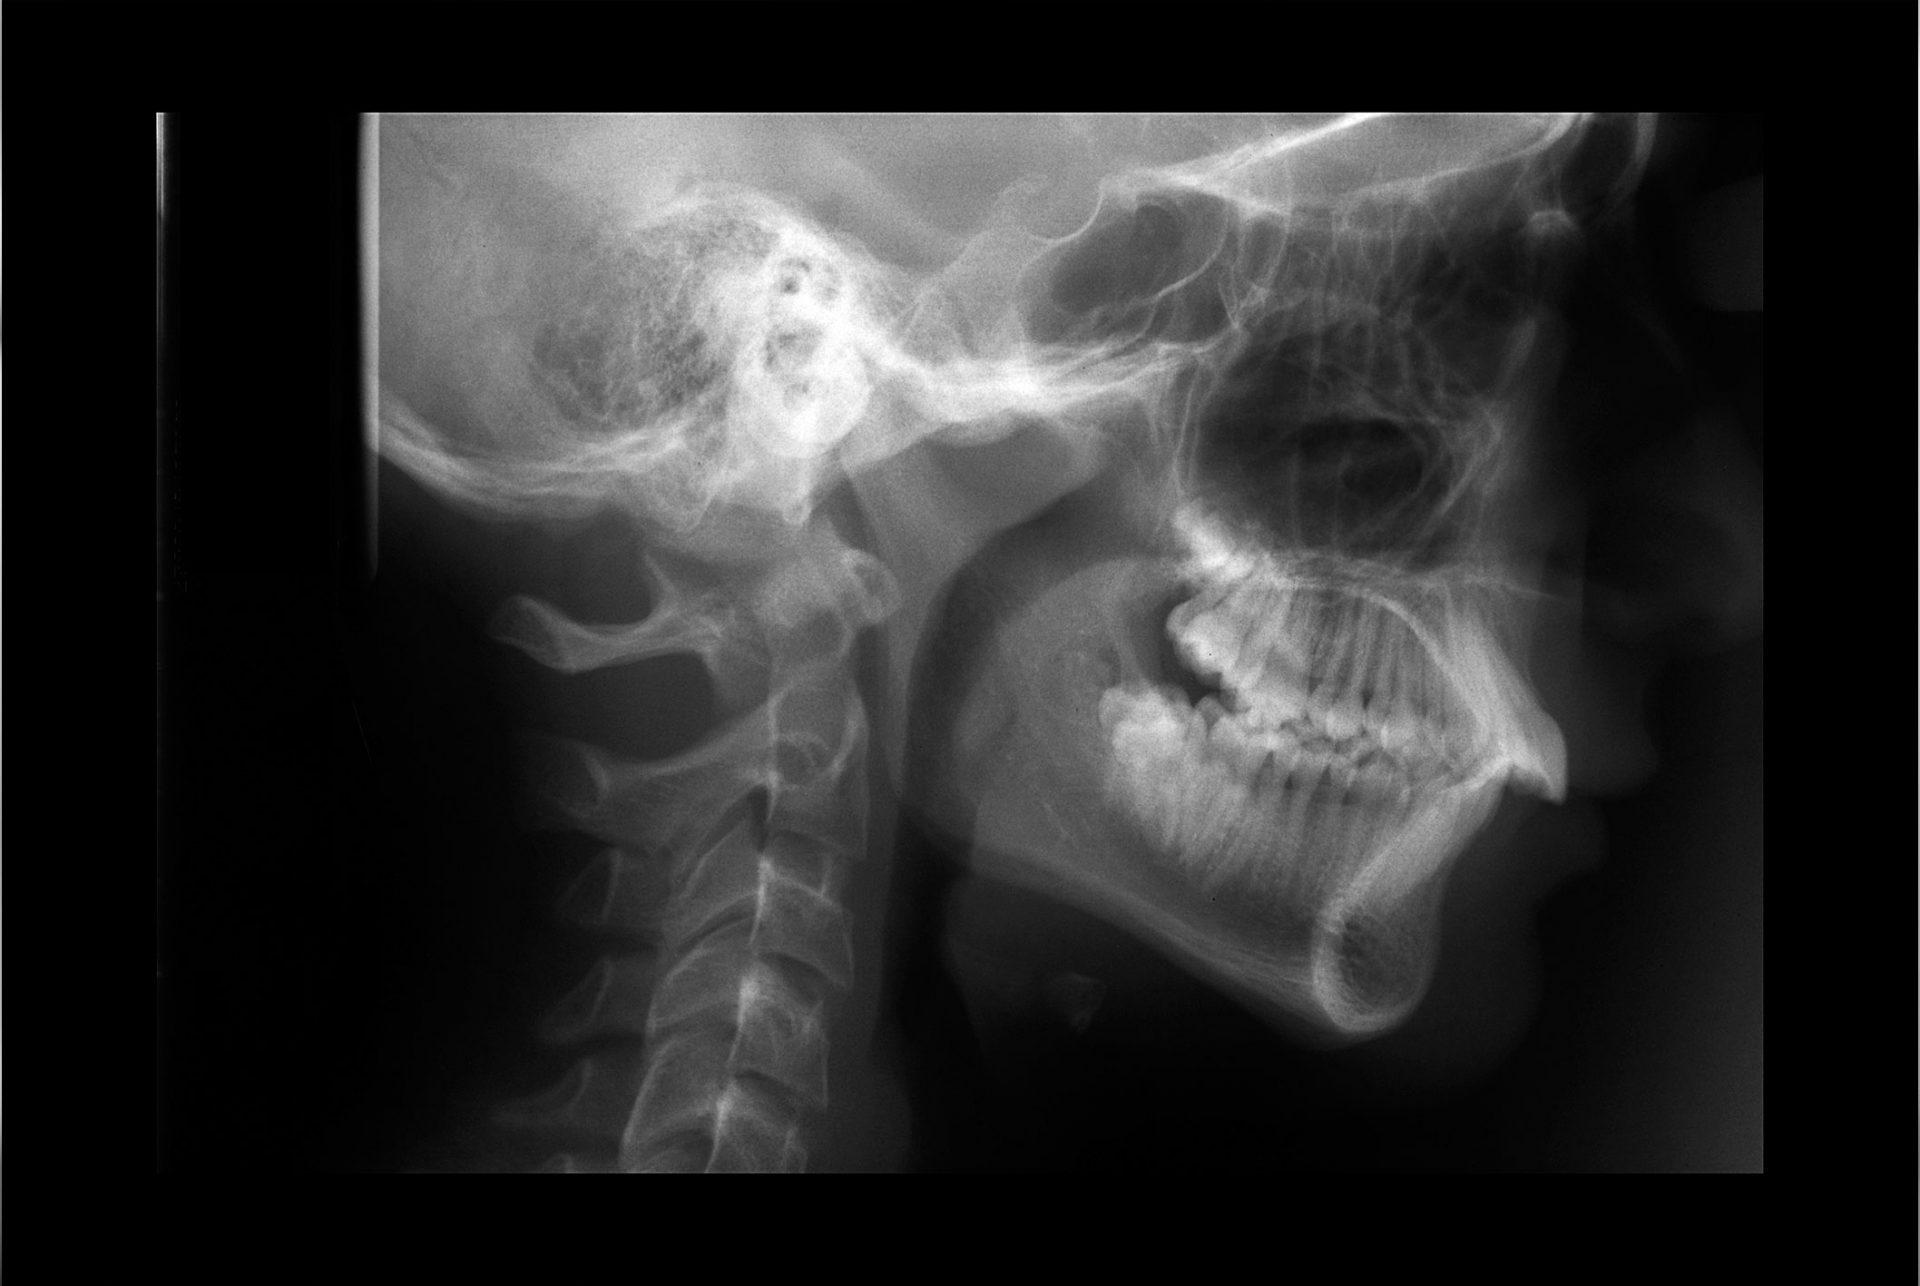 røntgen av hode